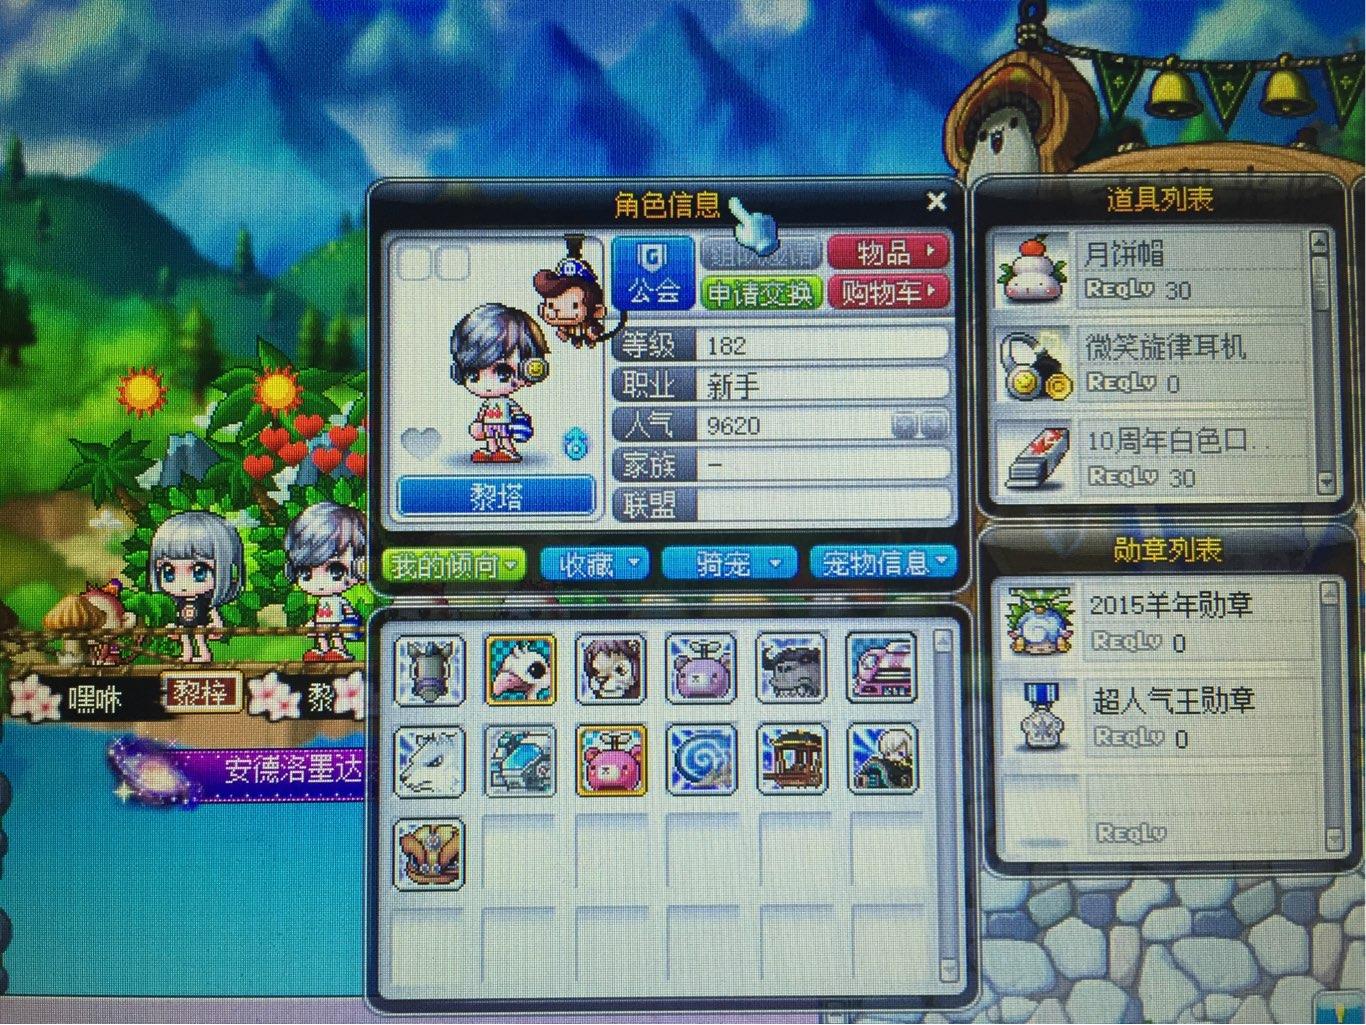 游戏区服冒险岛/风之大陆(电信)/蓝蜗牛1